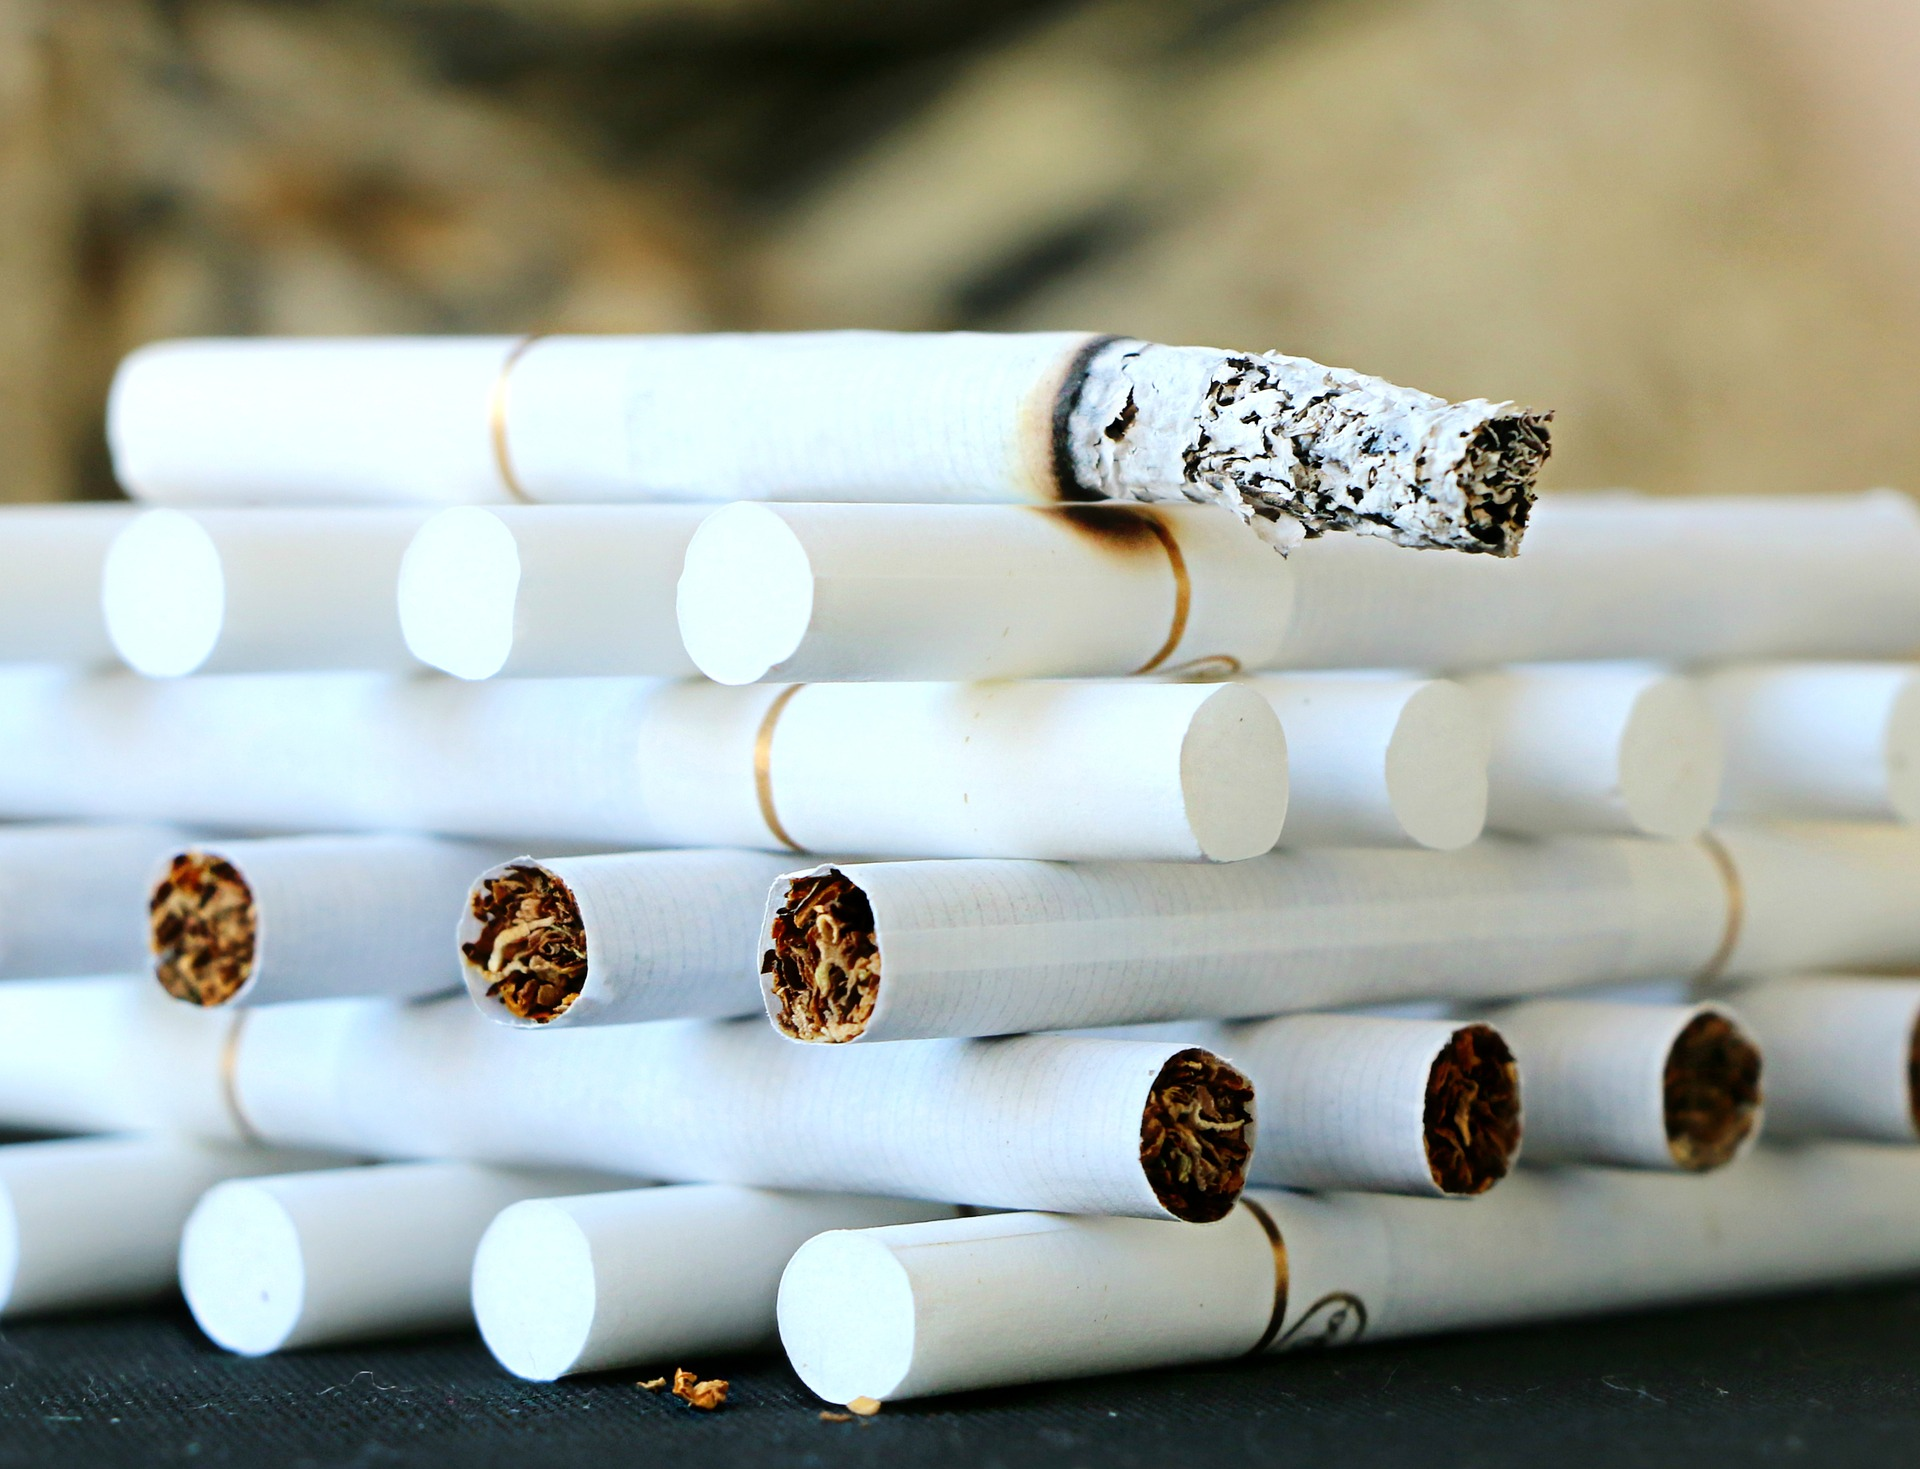 La fiscalité « hors norme » des carburants et du tabac pointée dans une étude